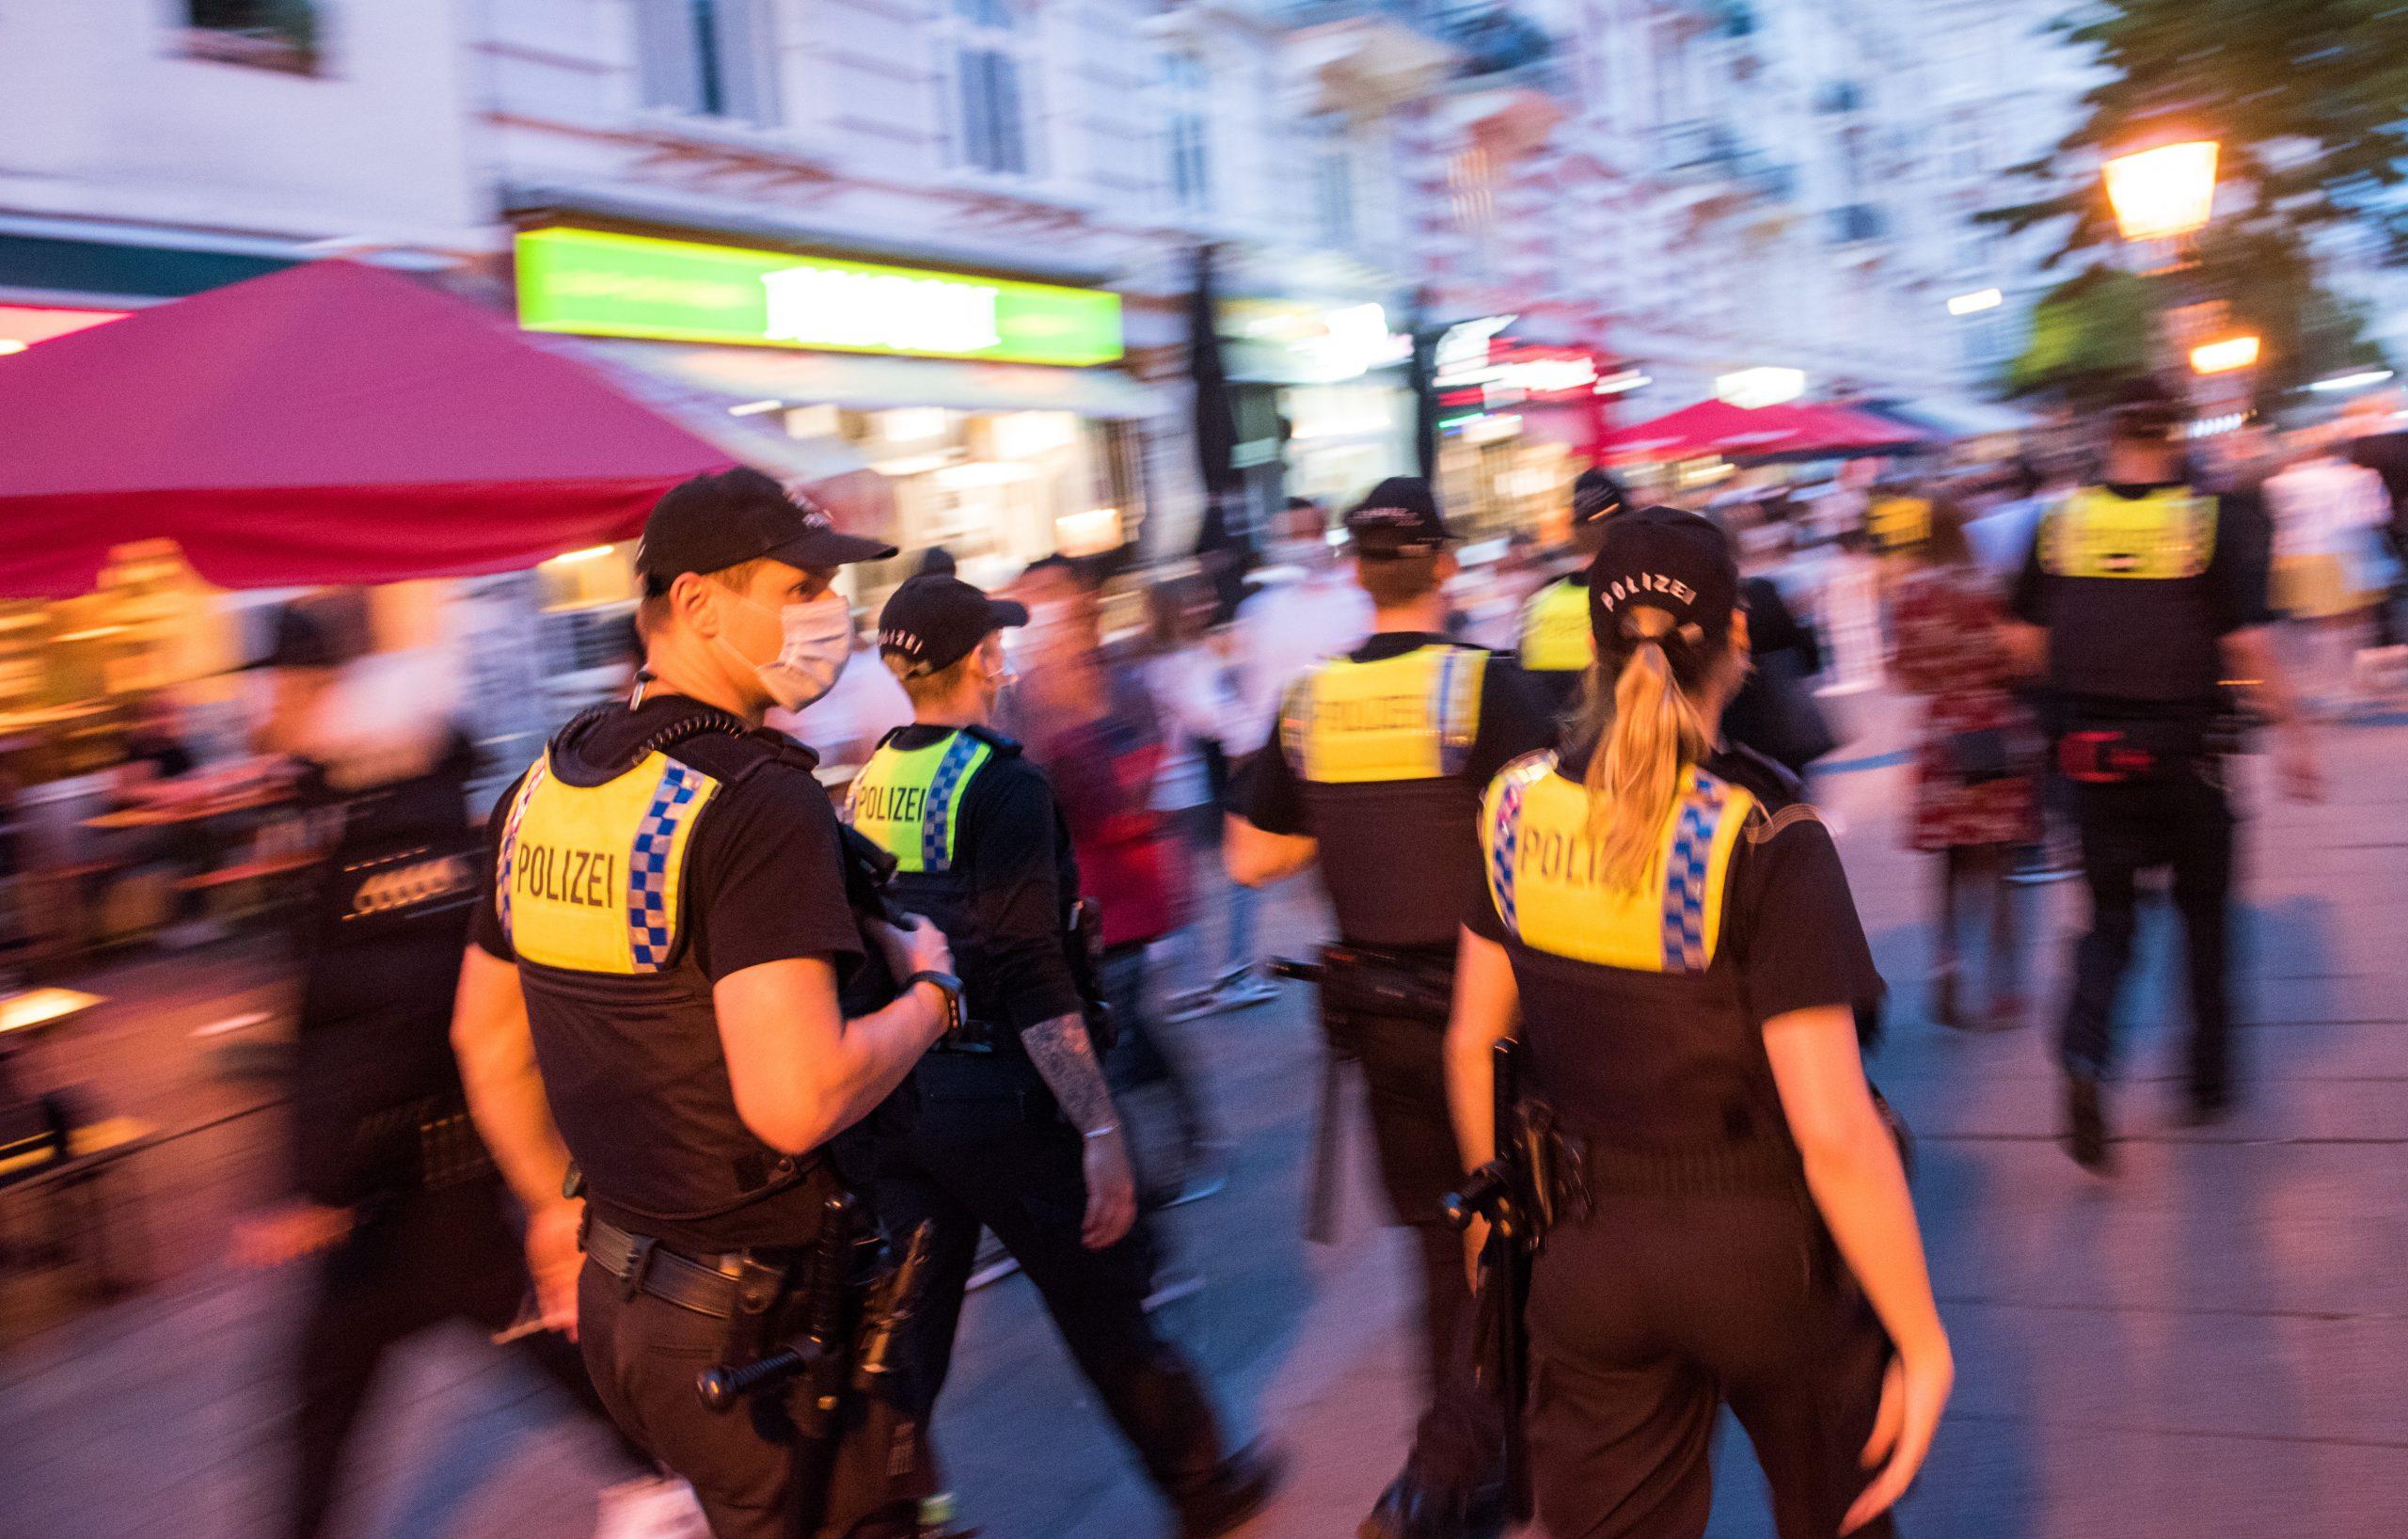 Polizei Hamburg scannt jetzt Fingerabdrücke per Smartphone